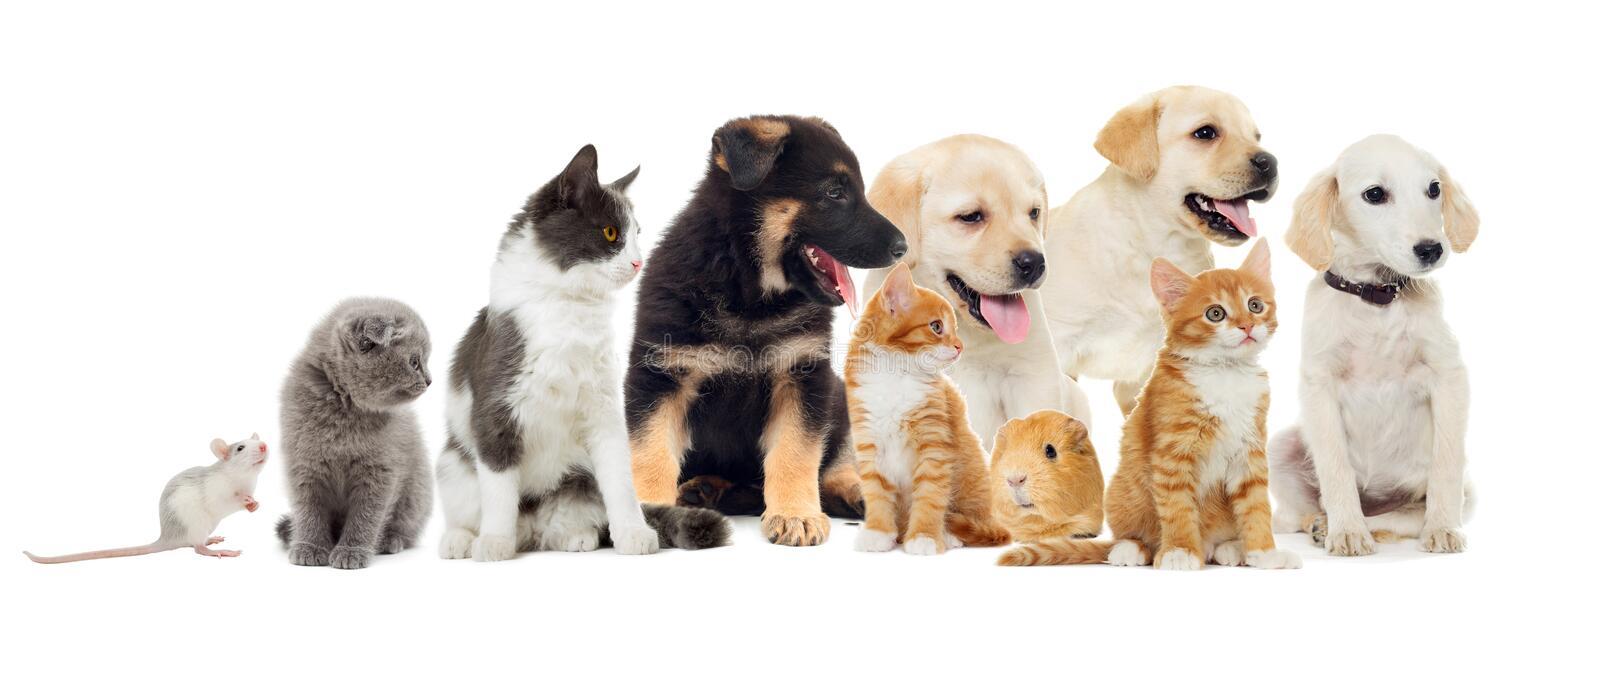 MEV-211 Enfermedades infecciosas de los animales domésticos